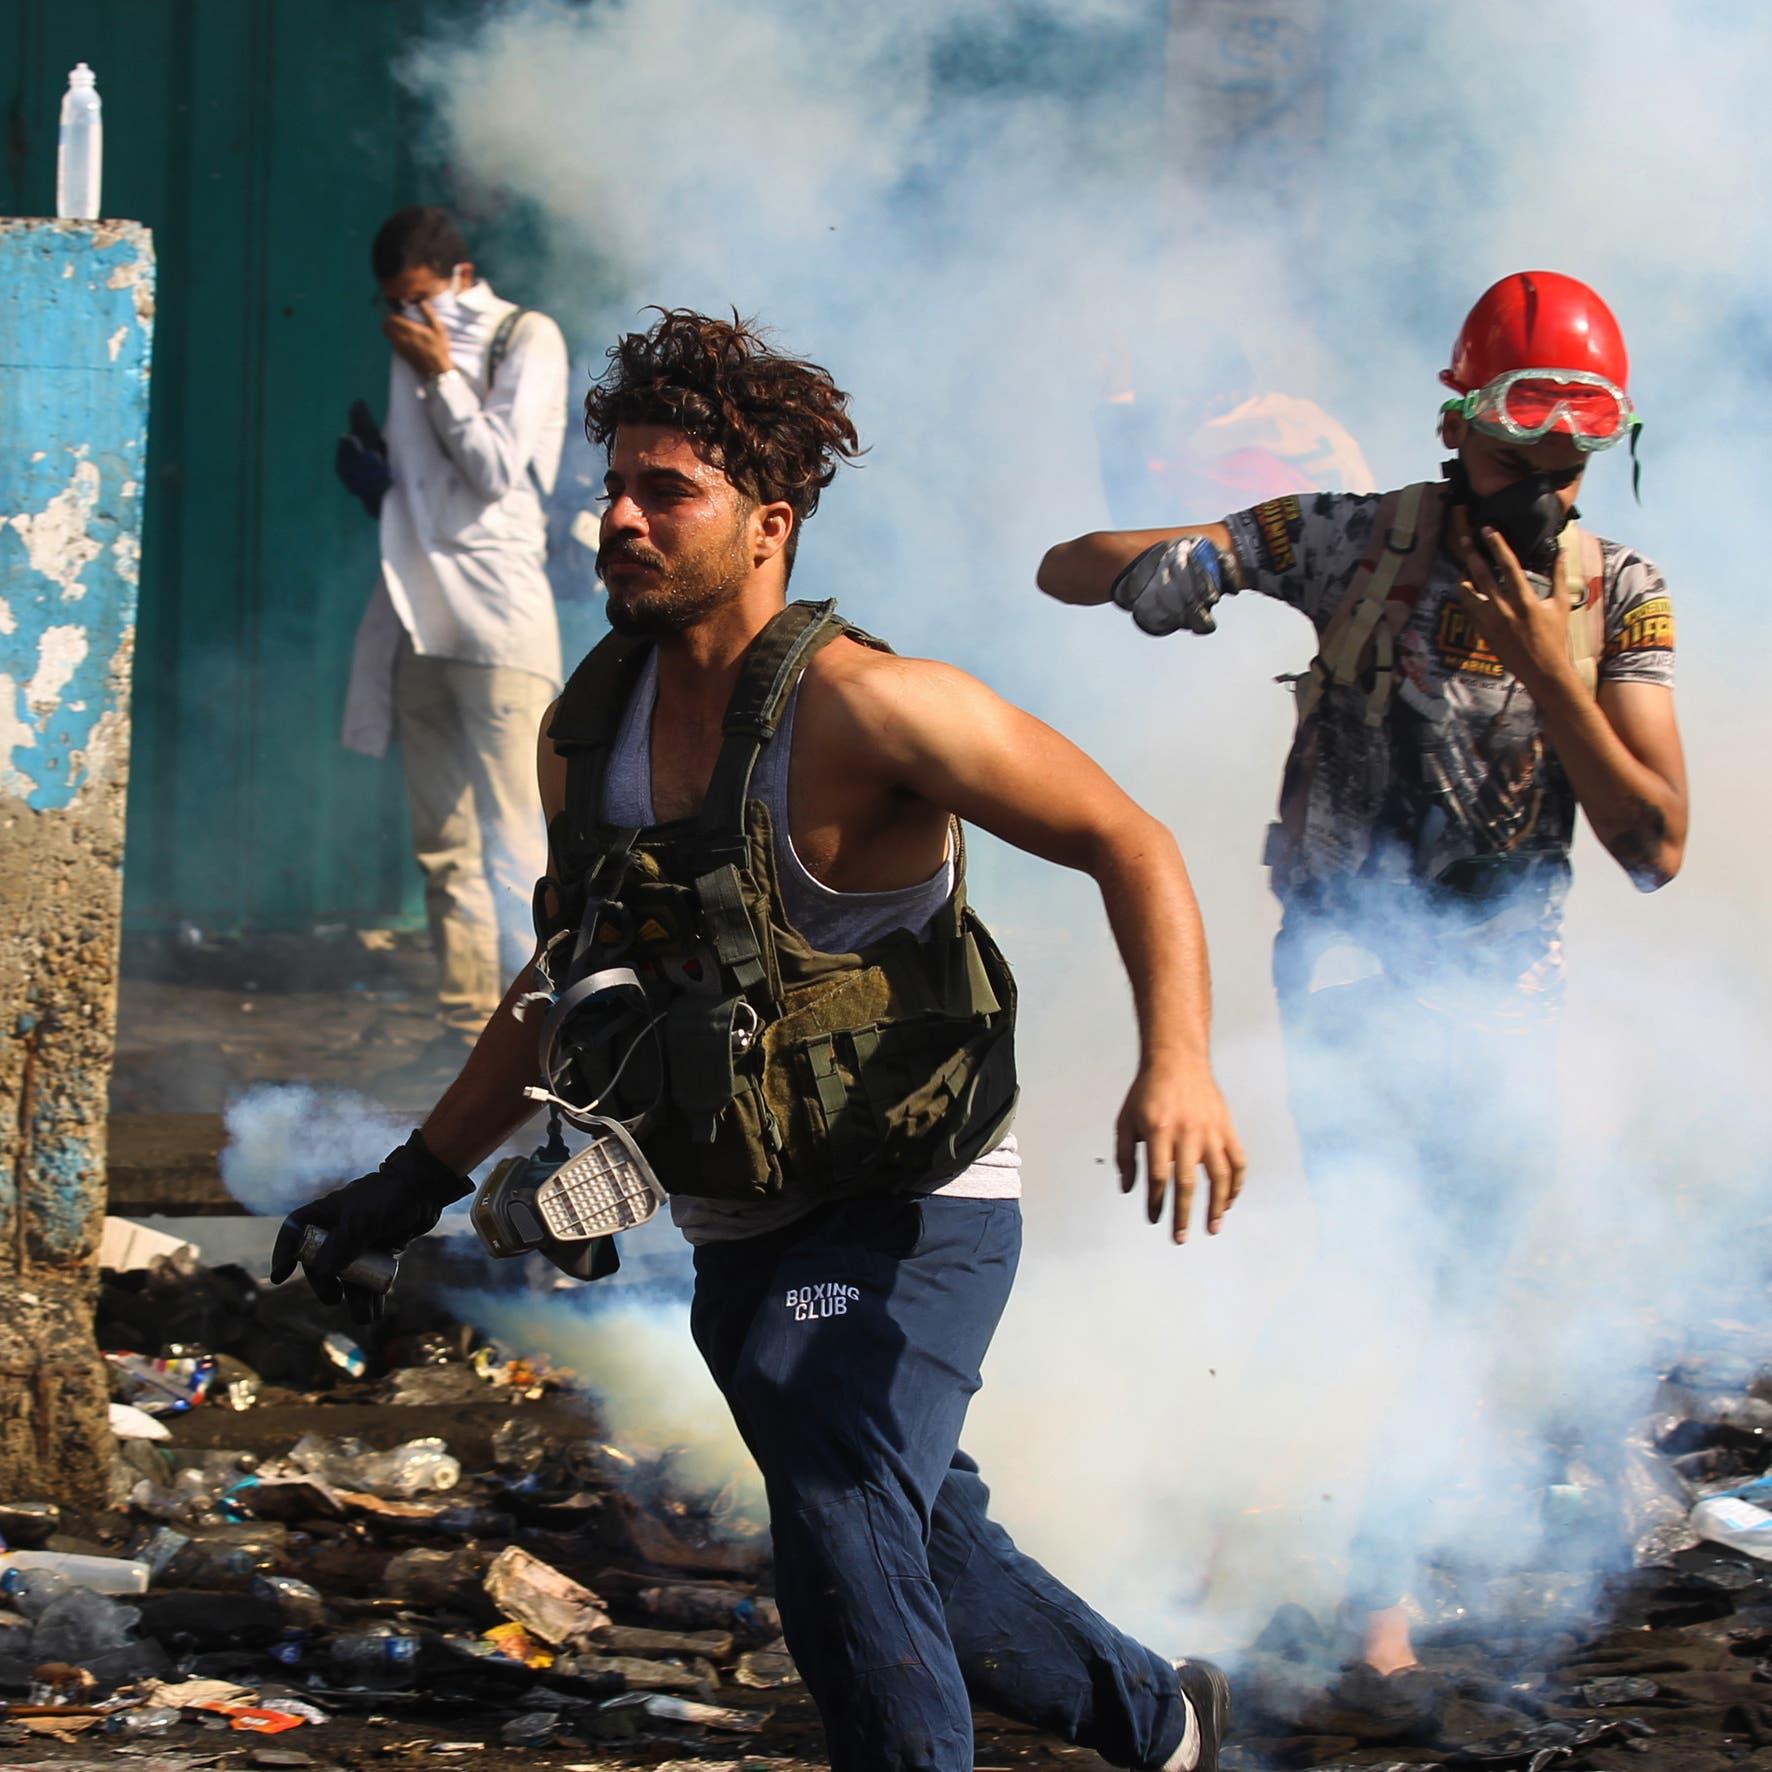 قتلى بانفجار وسط بغداد .. وإحراق بيوت مسؤولين جنوبا